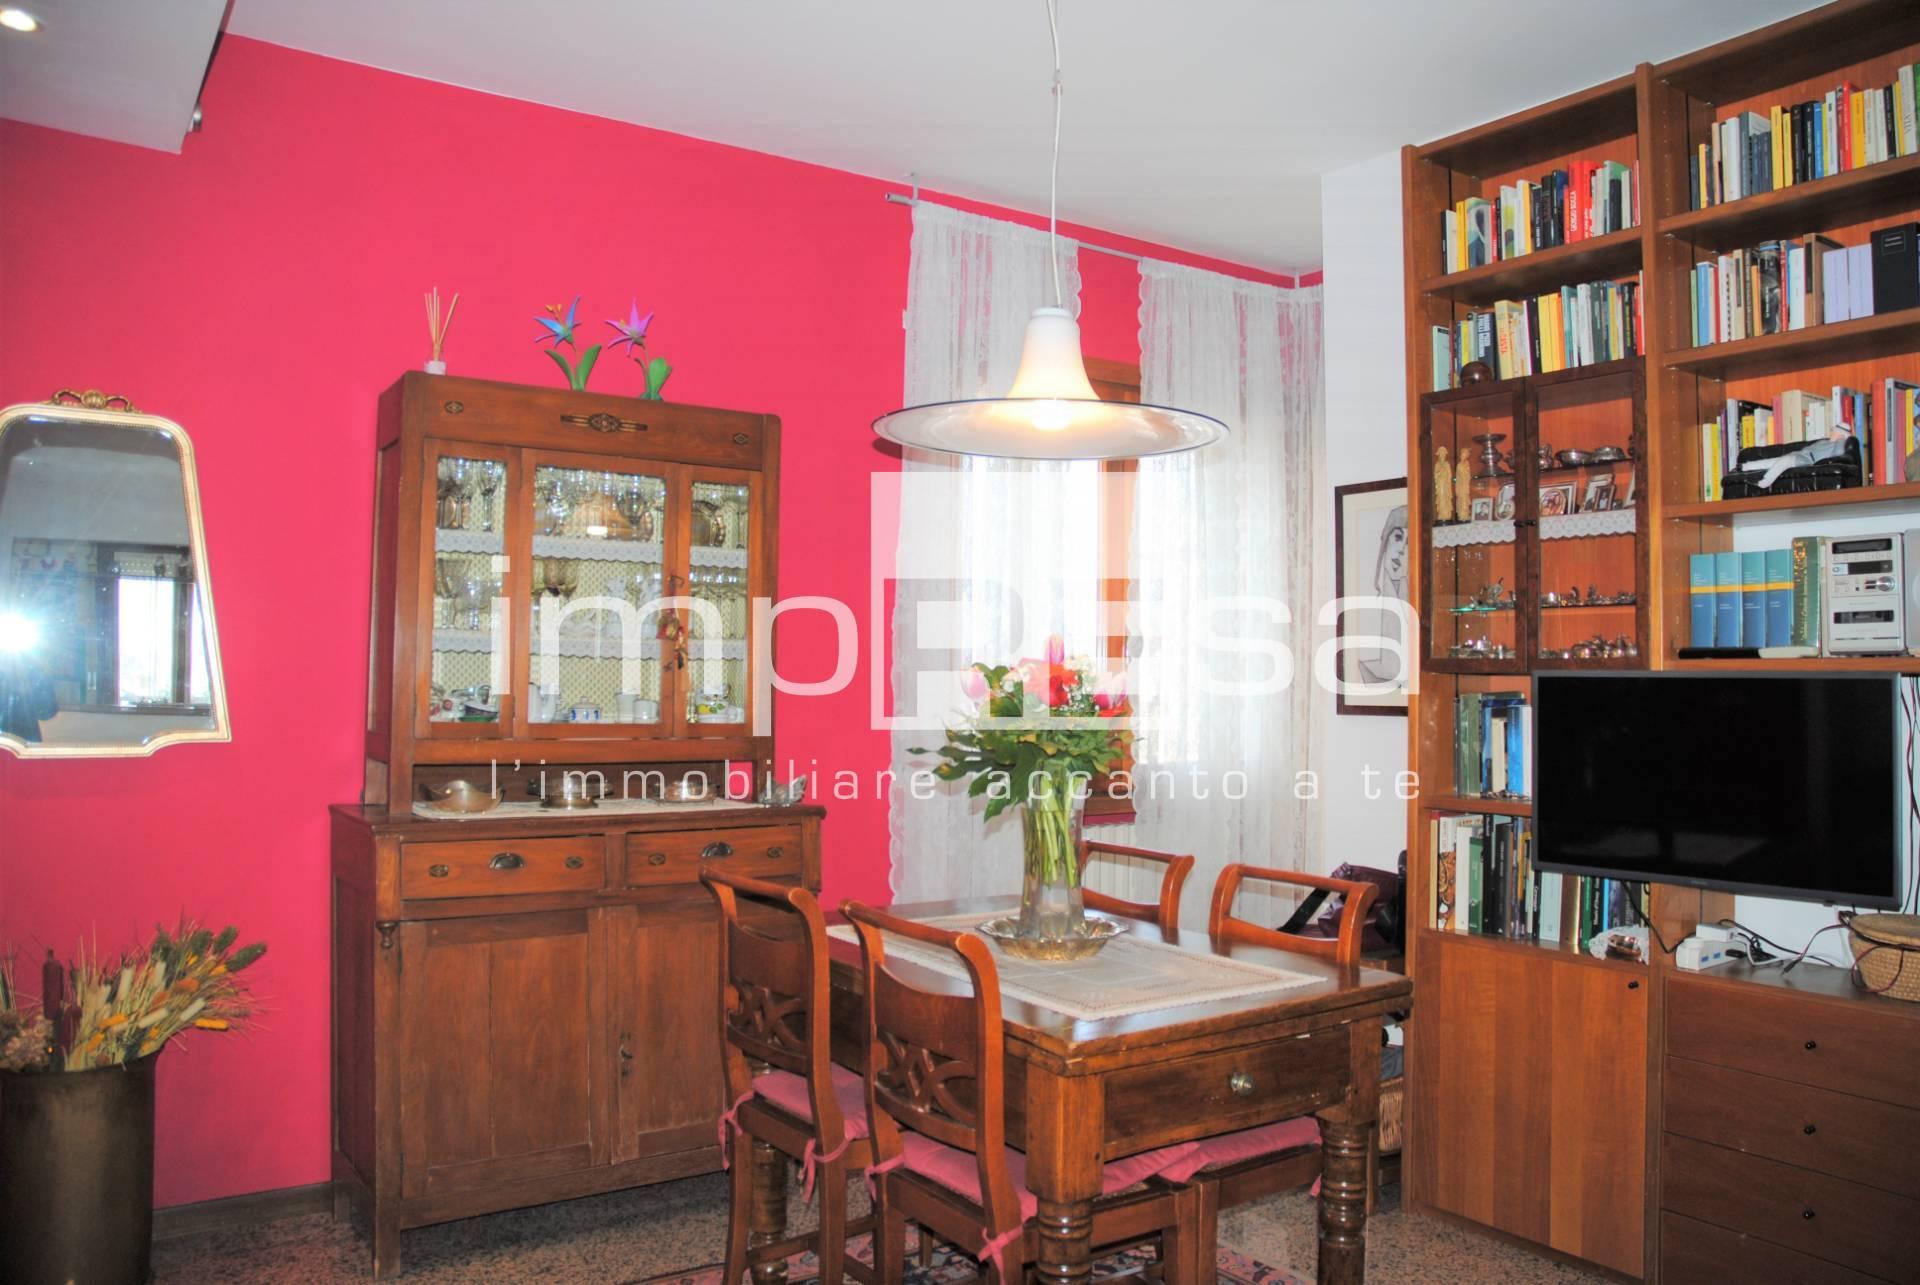 Appartamento in vendita a Mogliano Veneto, 4 locali, prezzo € 153.000   PortaleAgenzieImmobiliari.it